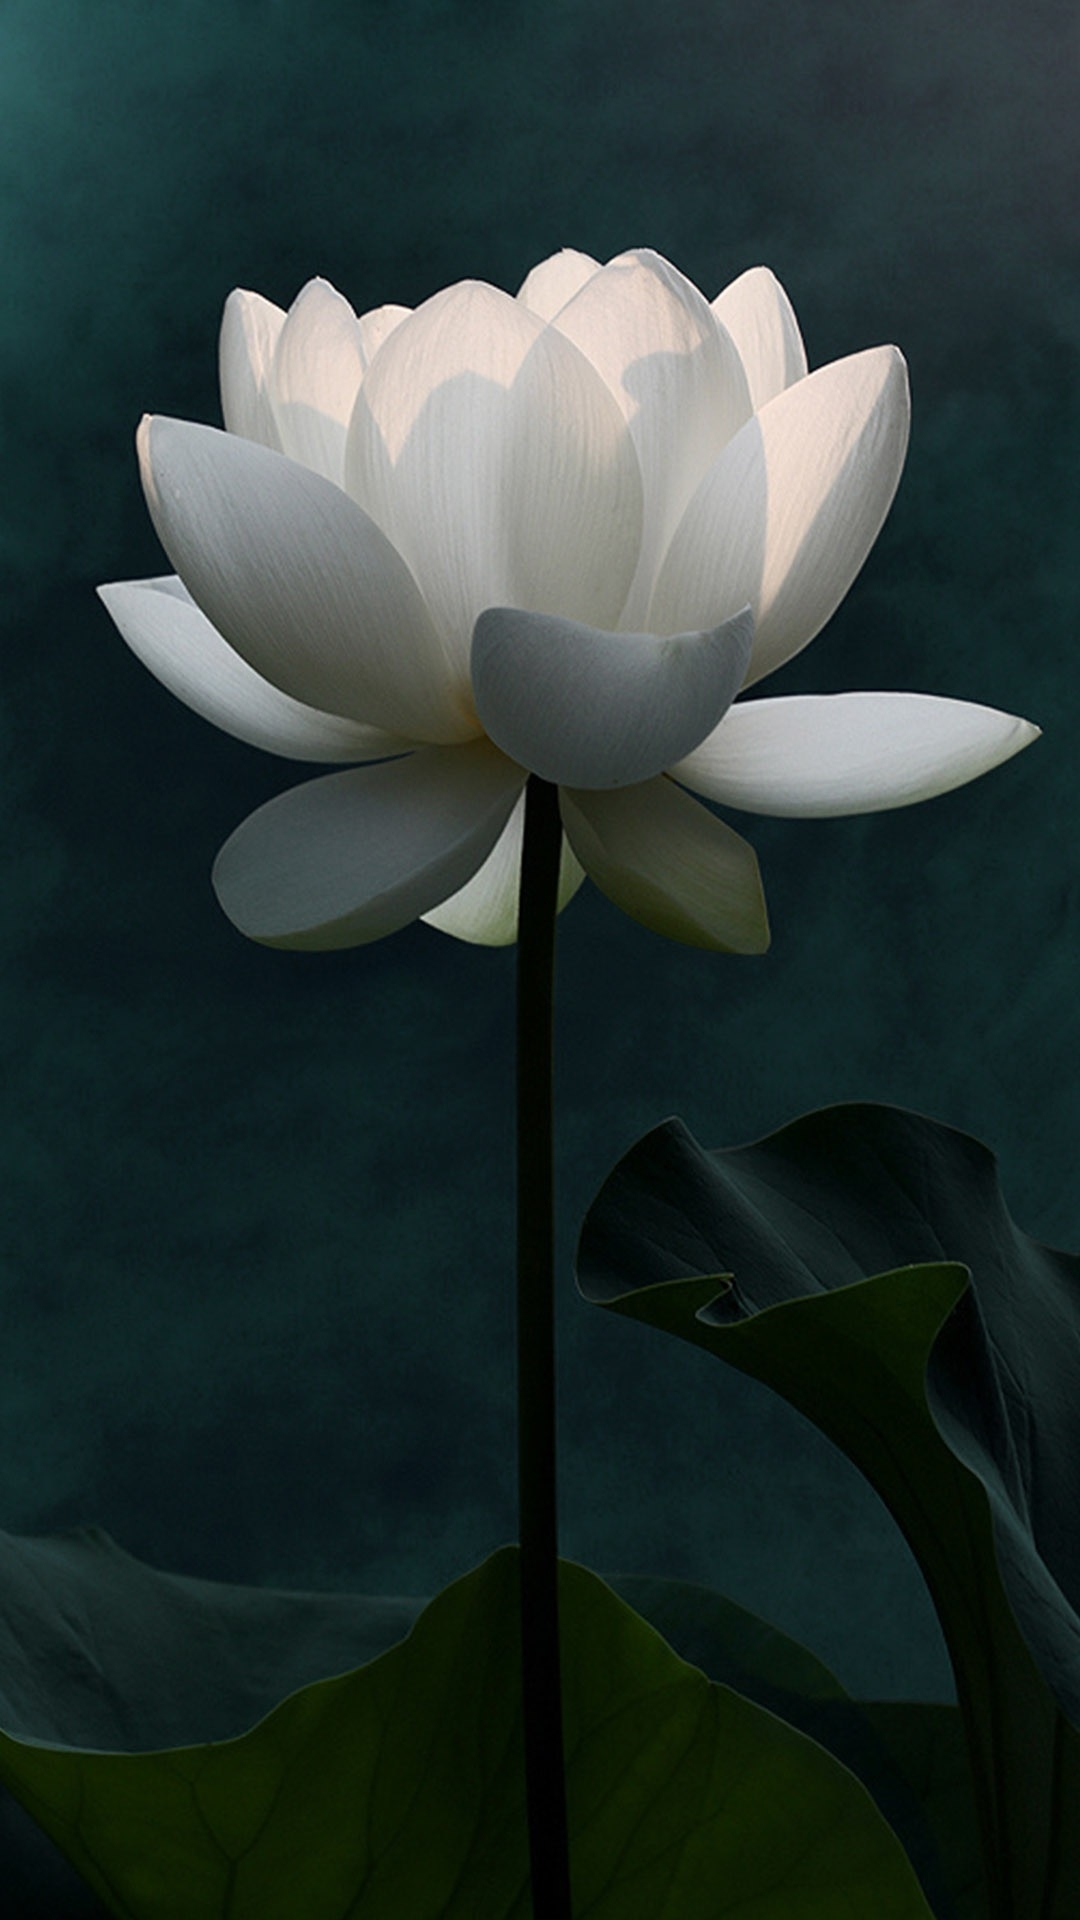 你的心,在污泥里开出一朵莲花.